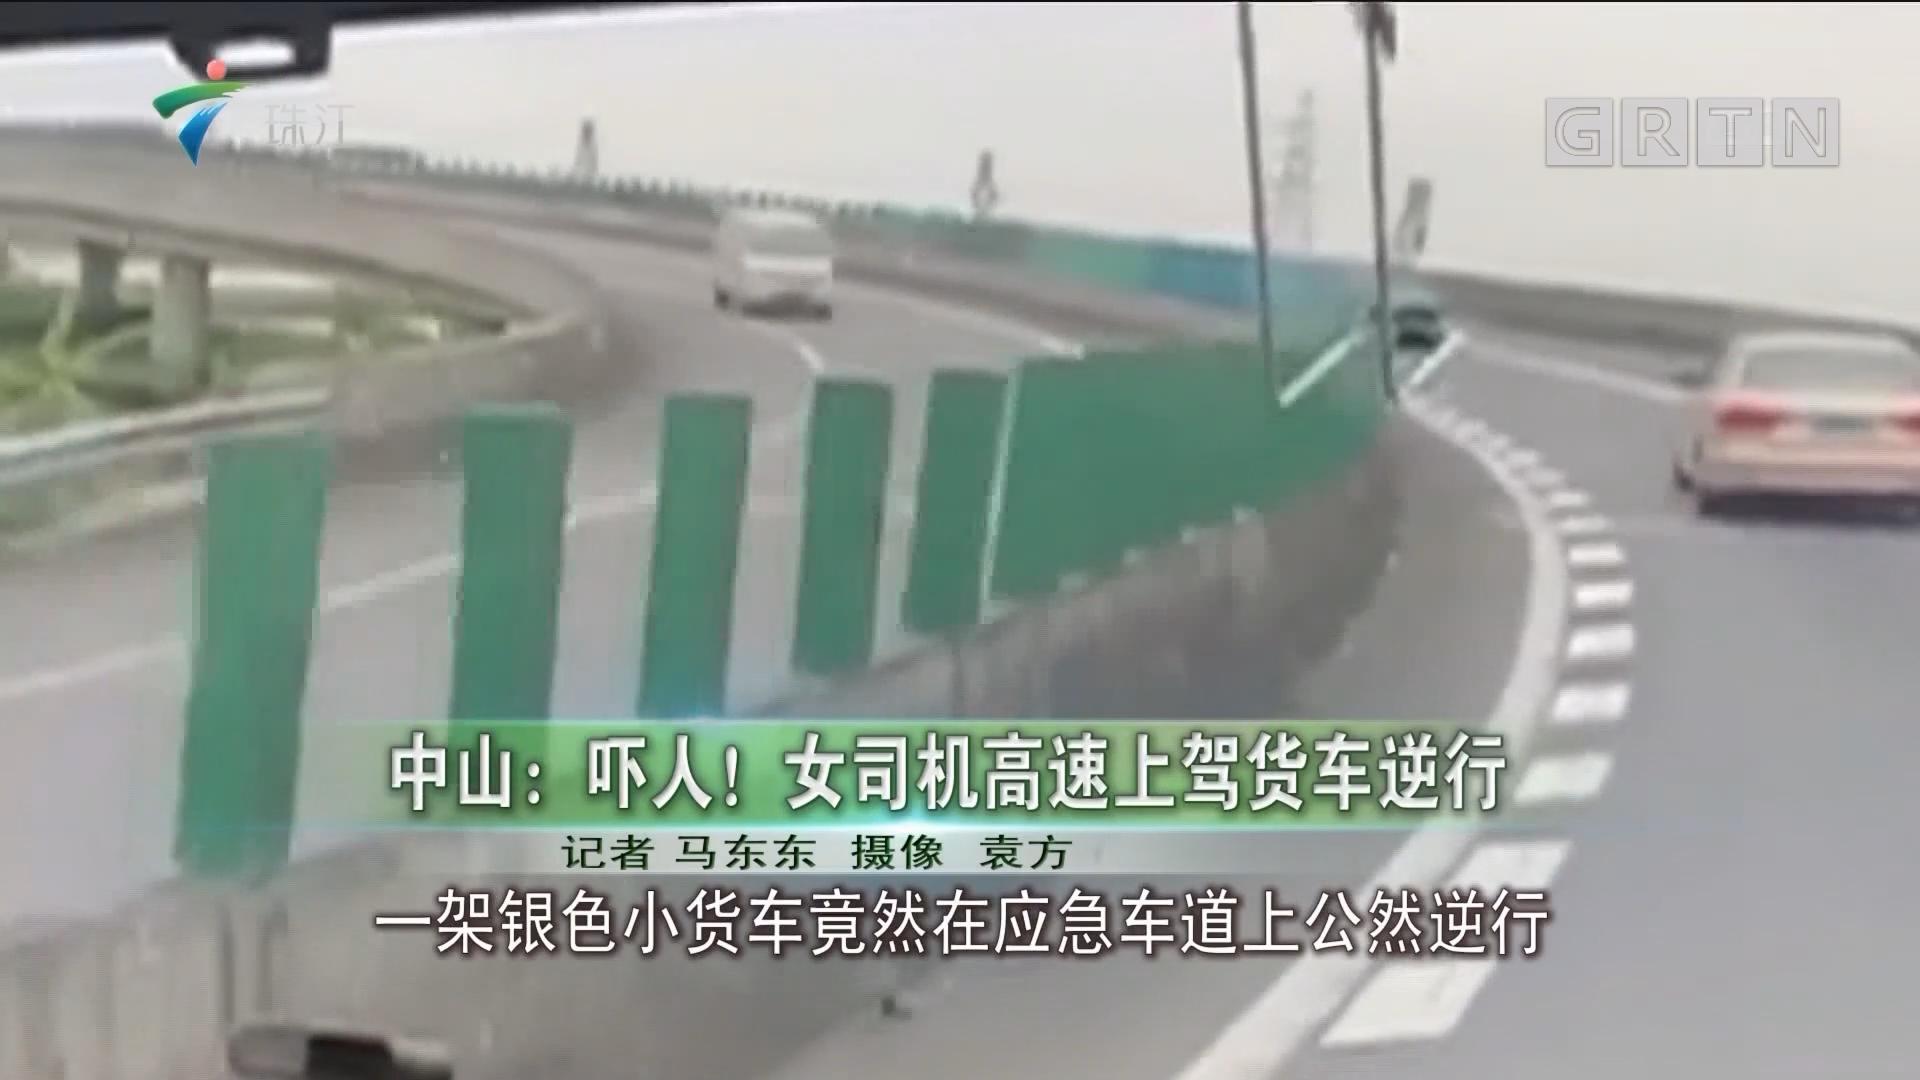 中山:吓人!女司机高速上驾货车逆行